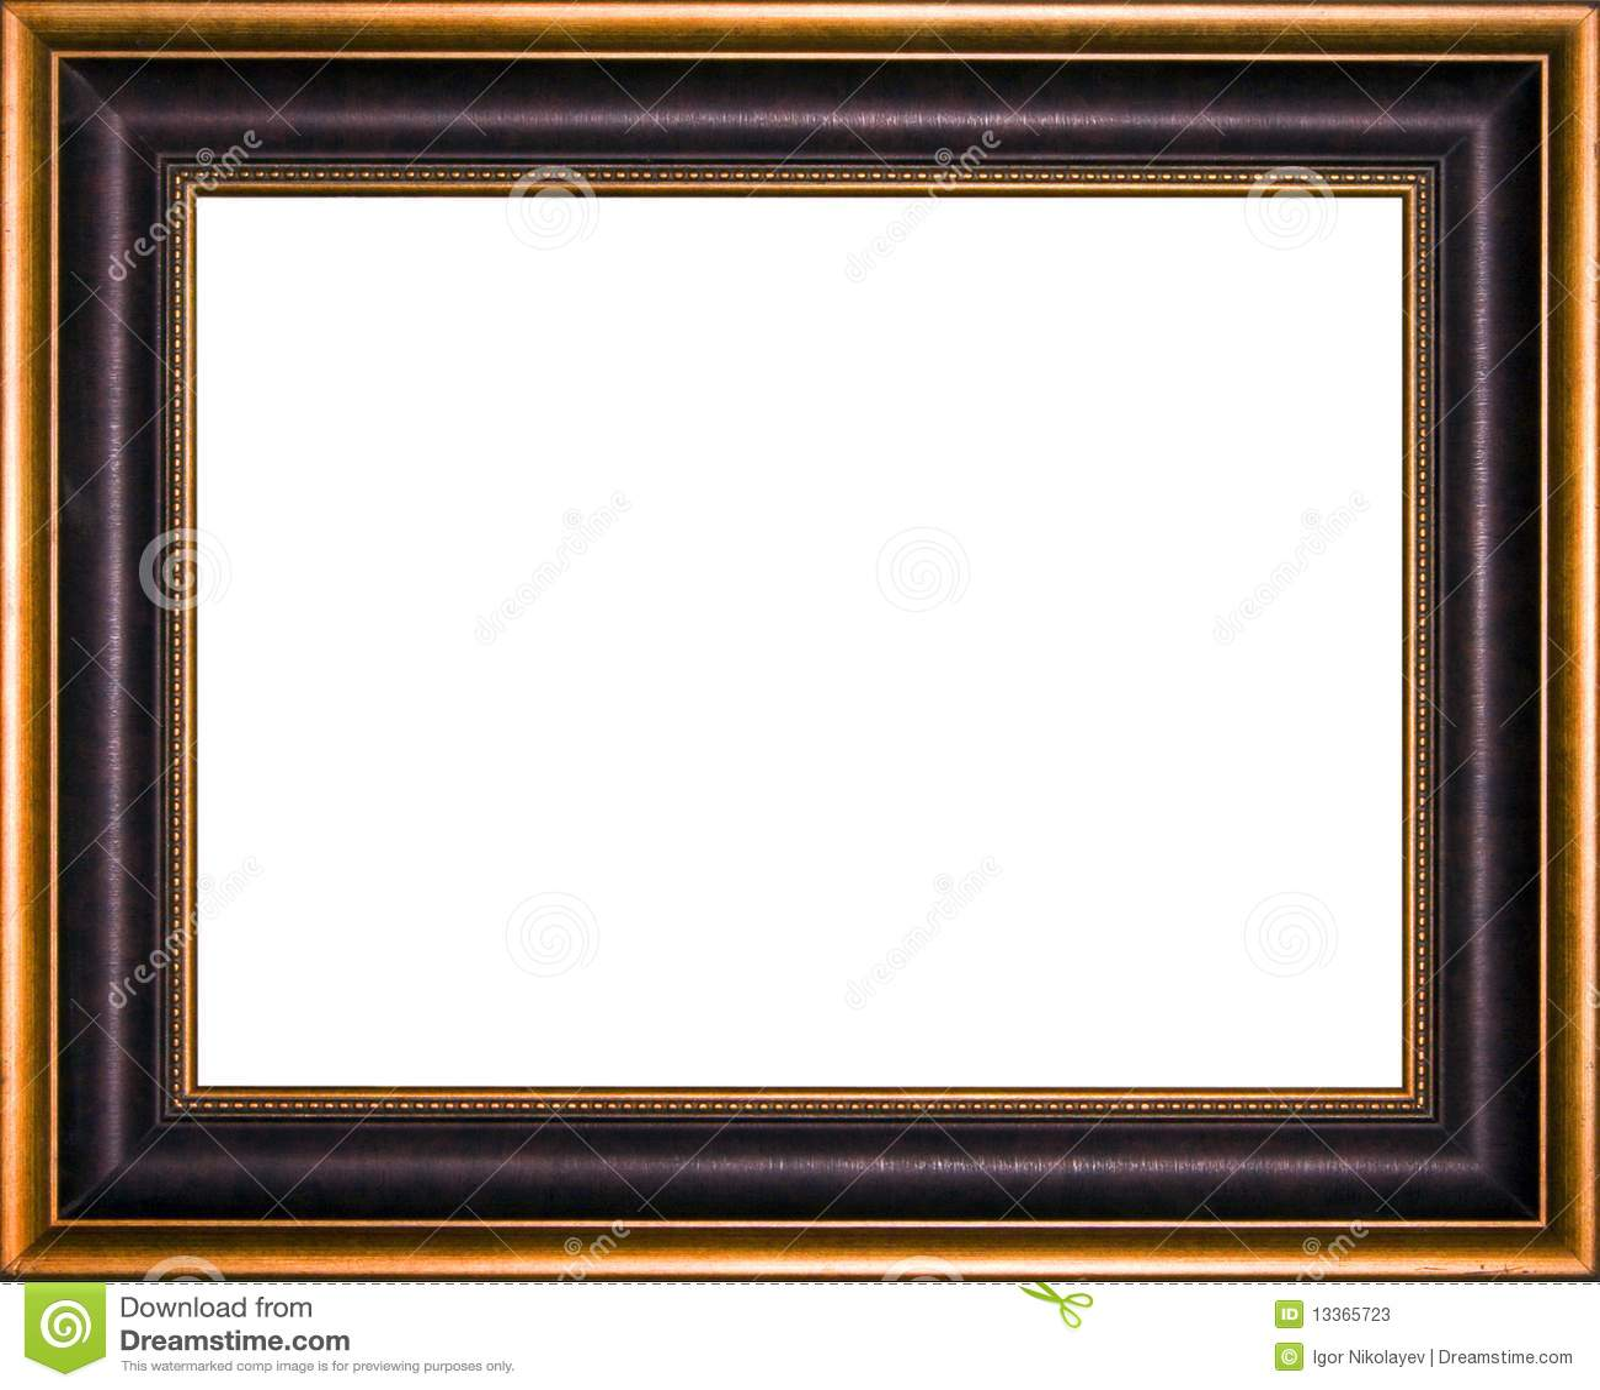 Marco antiguo fotos de archivo imagen 13365723 for Marco cuadro antiguo